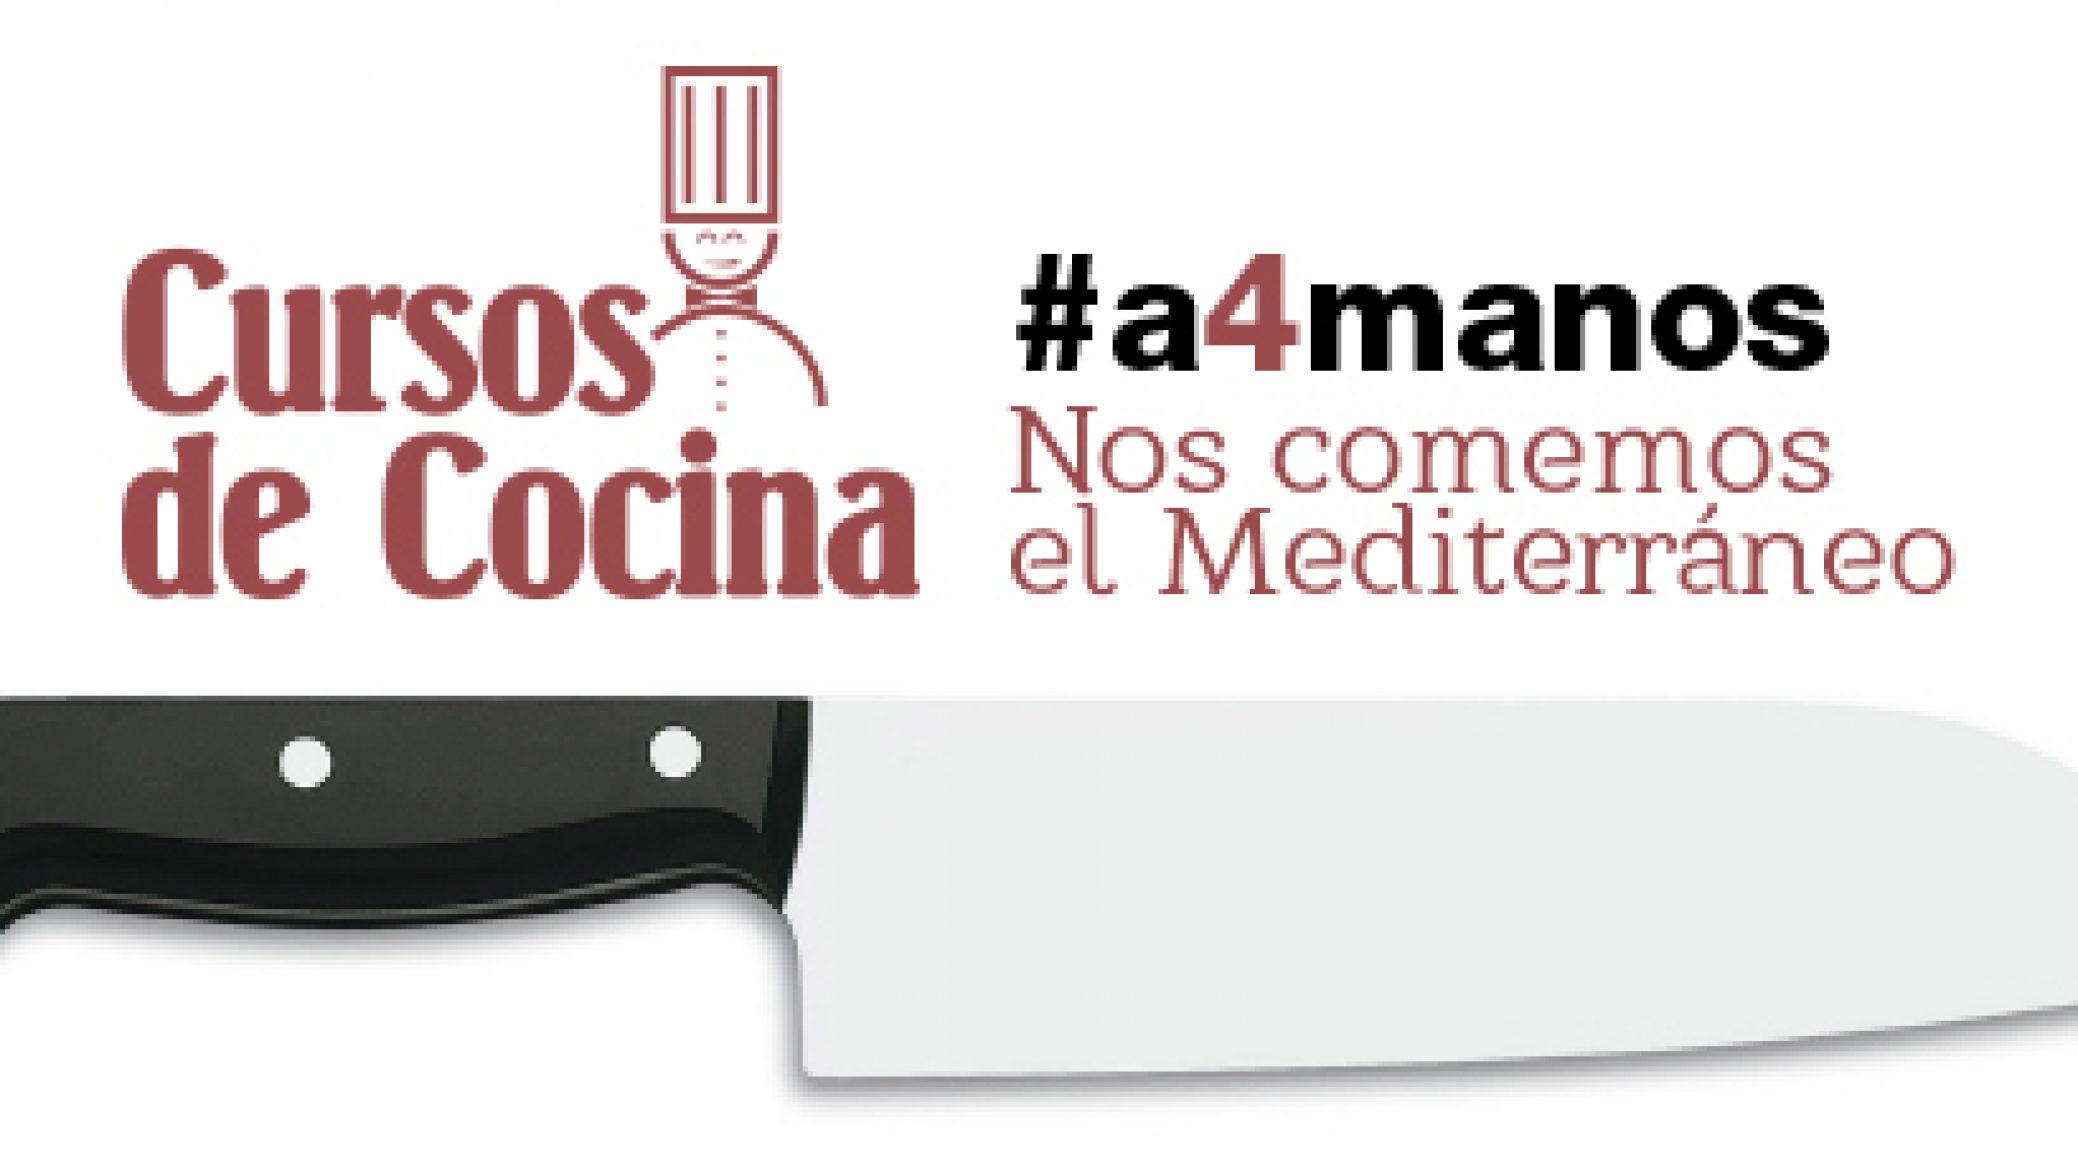 Cursos de cocina #a4manos